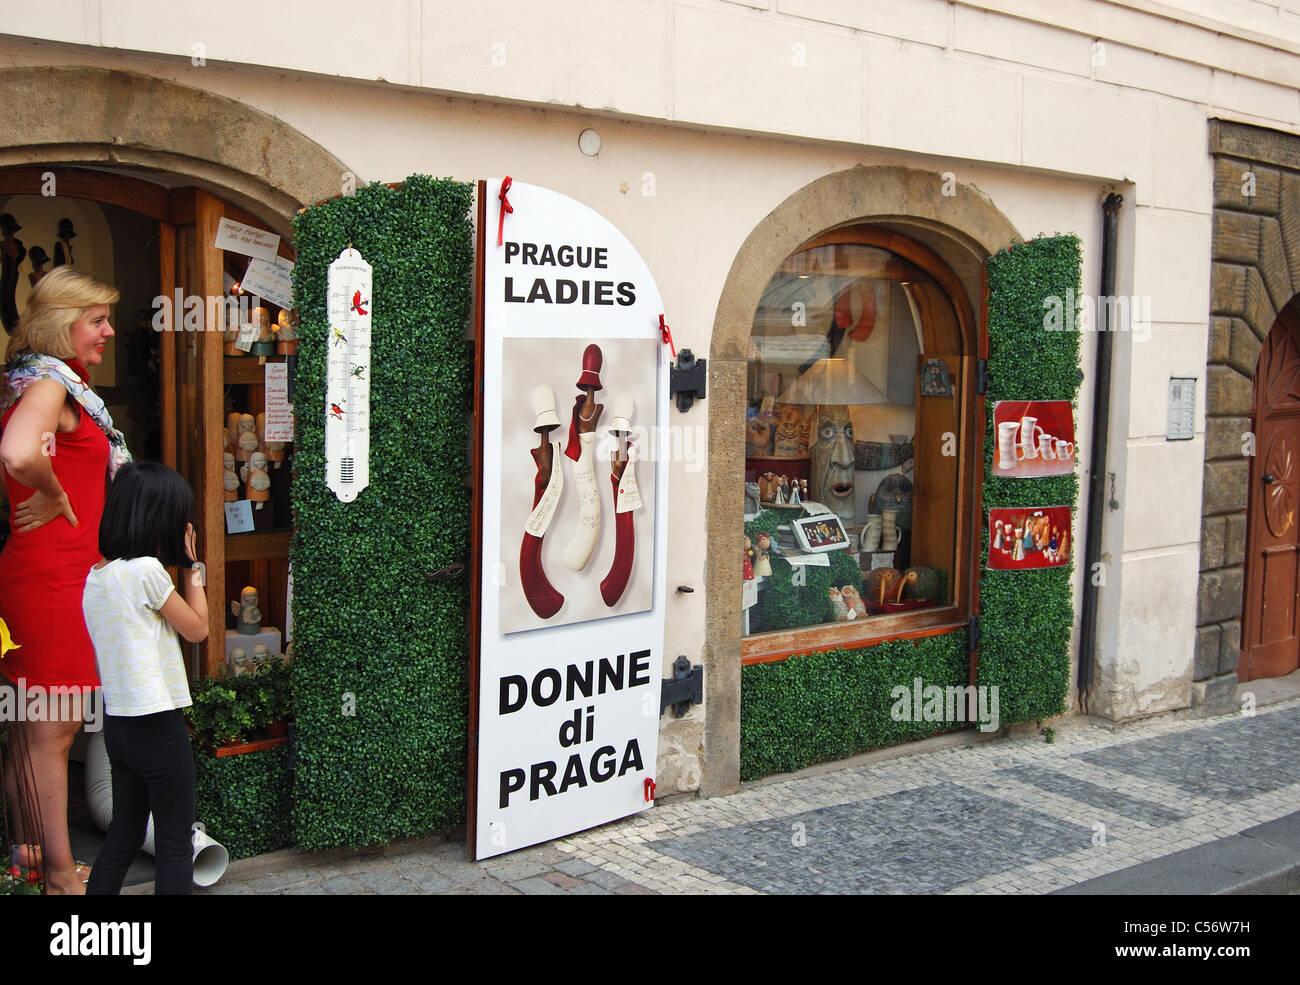 Donne di Praga shop, Prague, République Tchèque, Europe de l'Est. Photo Stock